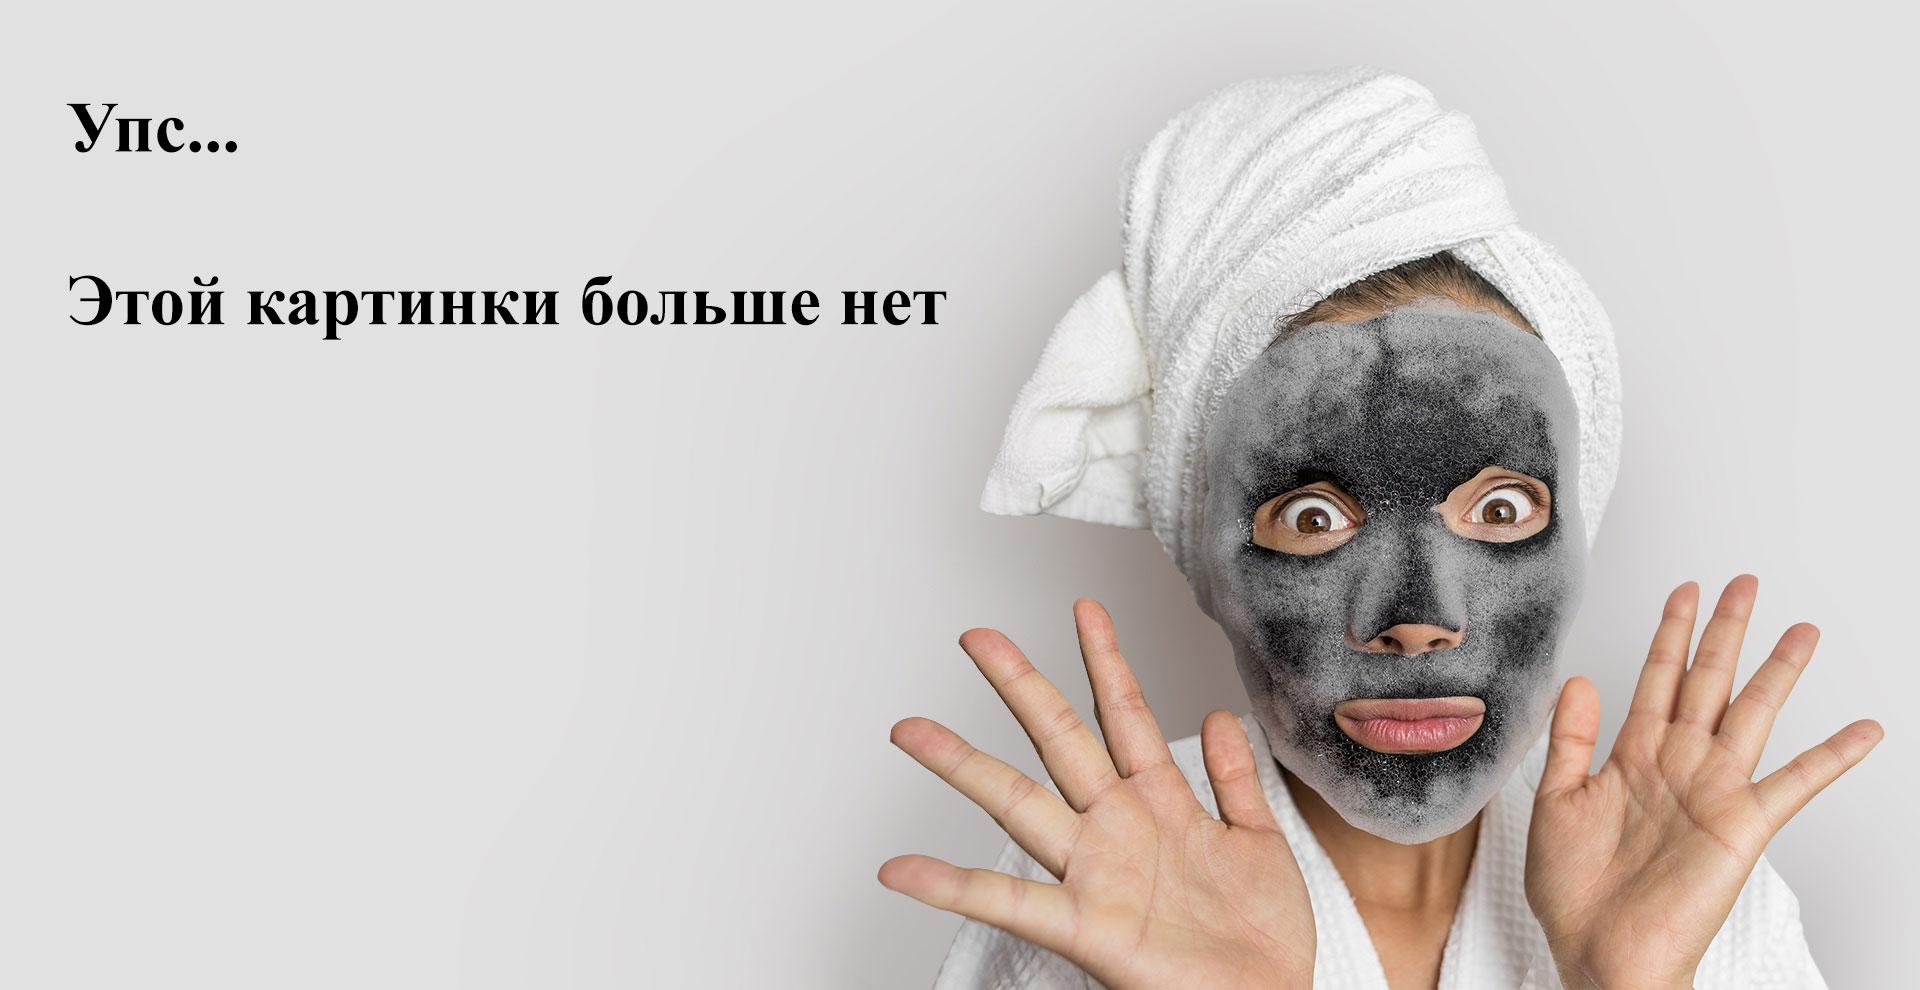 Гель-лак Vogue Nails Черный властелин